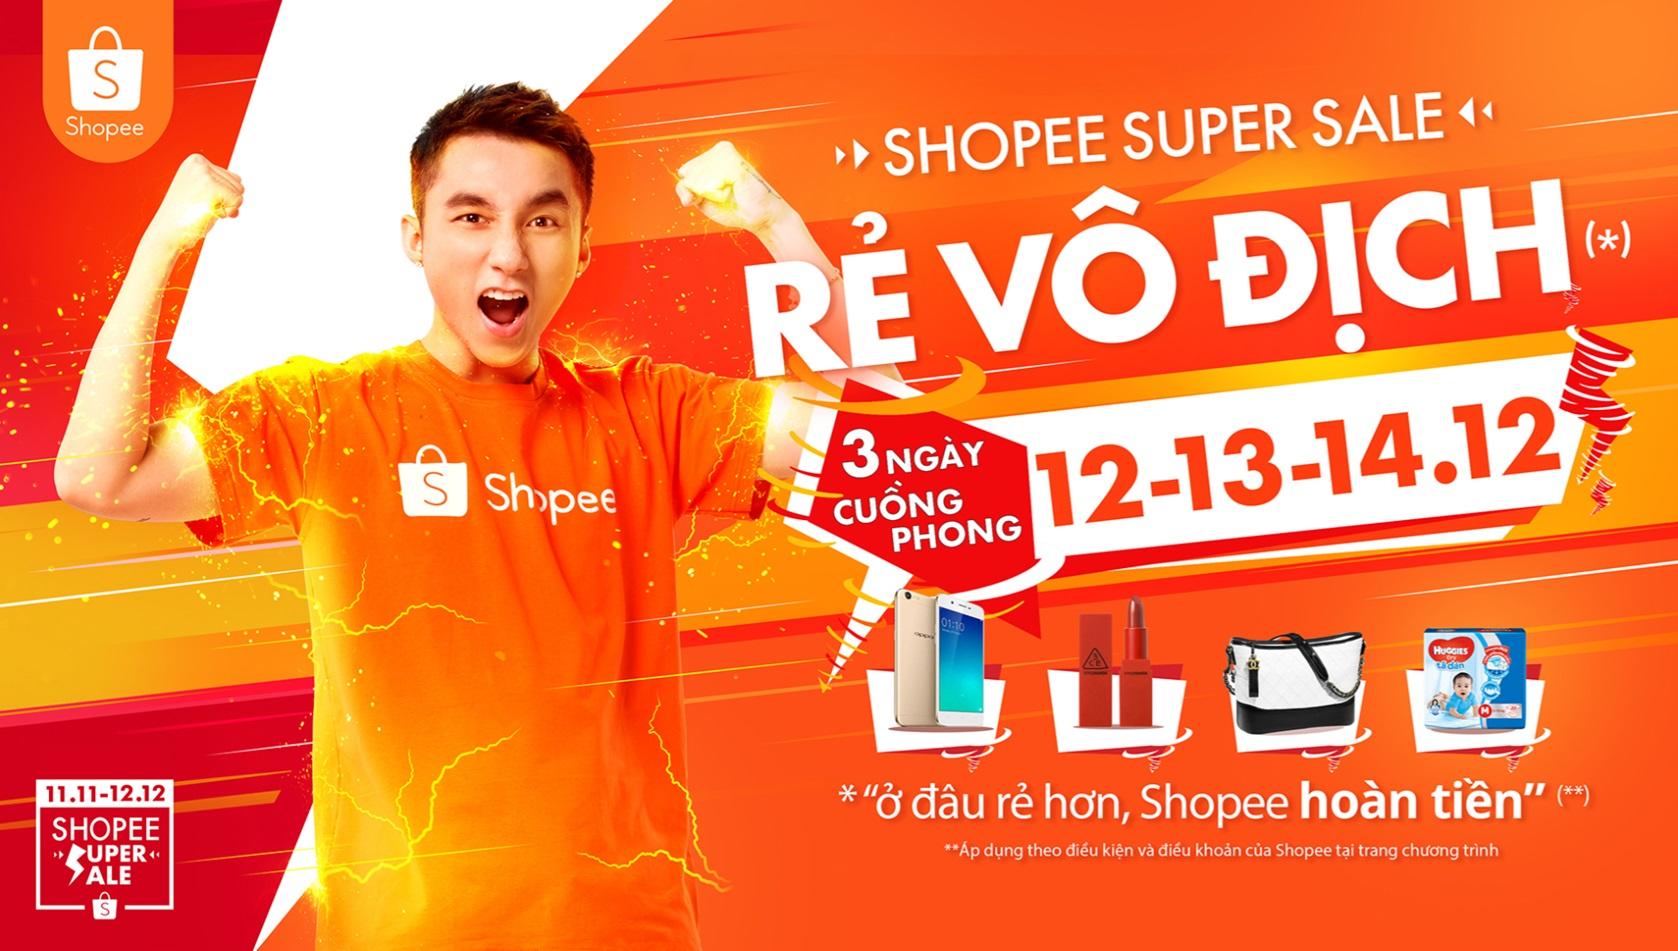 shopee super sale 12 12 - Nên kinh doanh trên sàn Thương Mại Điện Tử nào? Ưu và nhược điểm của LAZADA, SHOPEE HAY SENDO??